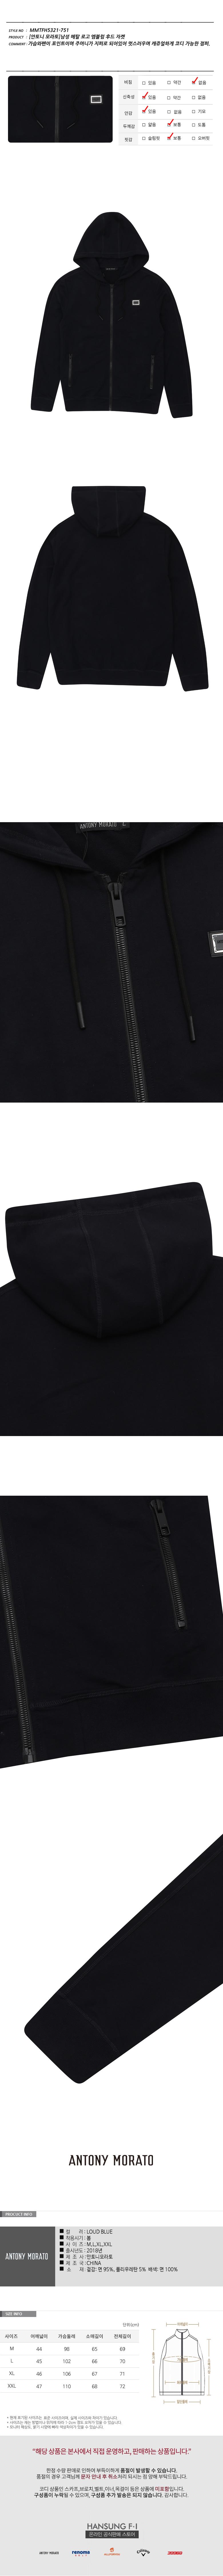 안토니모라토(ANTONY MORATO) 남성 메탈 로고 엠블럼 후드 자켓MMTFH5321-751